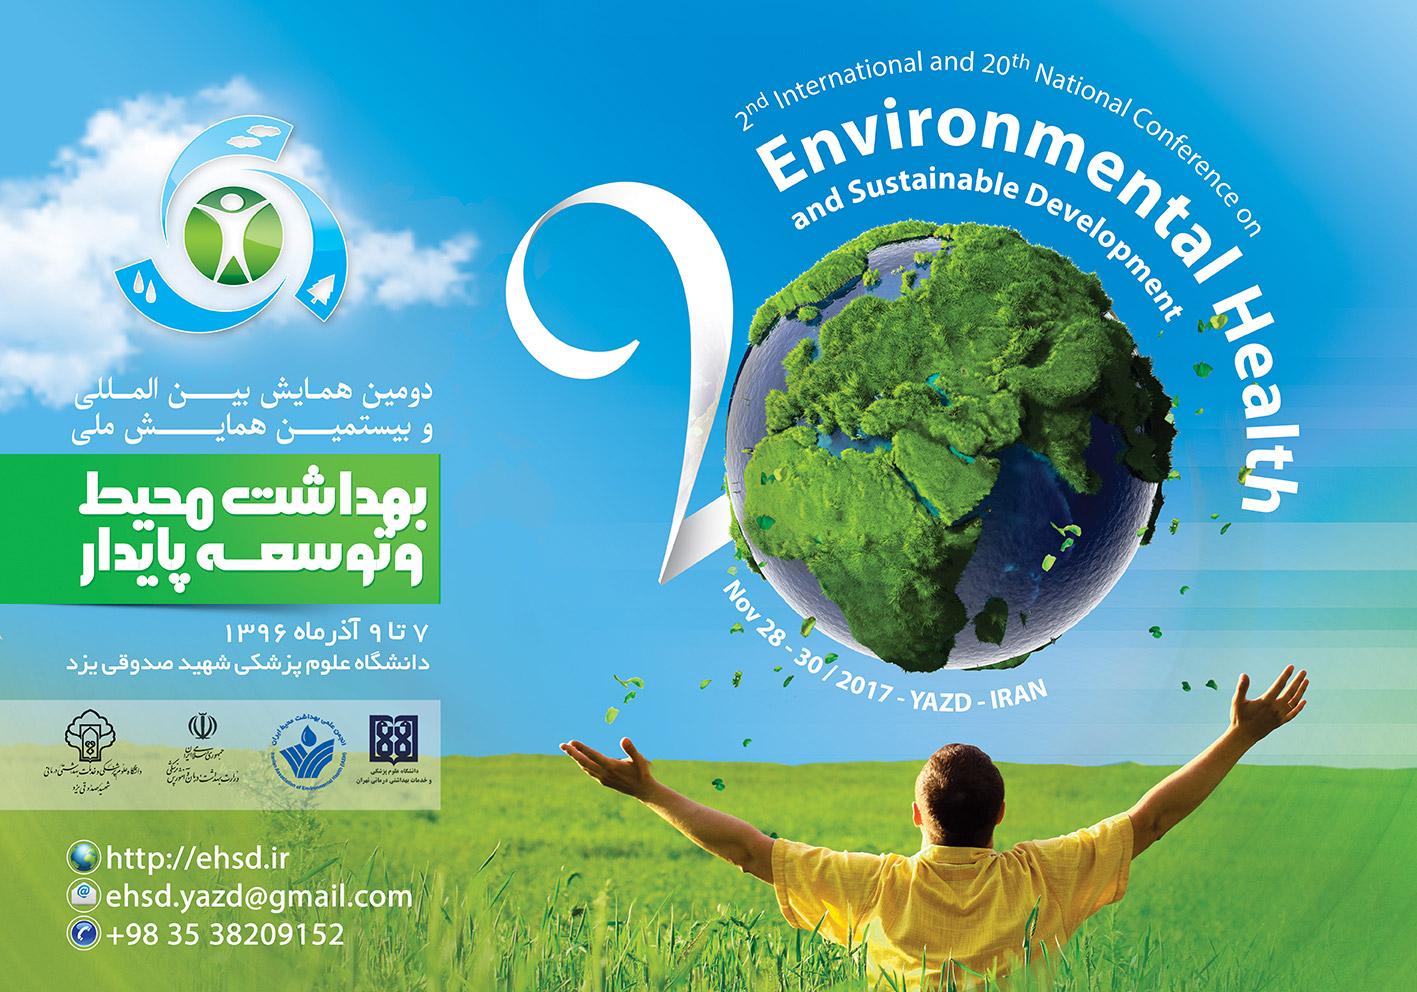 برگزاری همایش بین المللی و بیستمین همایش ملی بهداشت محیط و توسعه پایدار